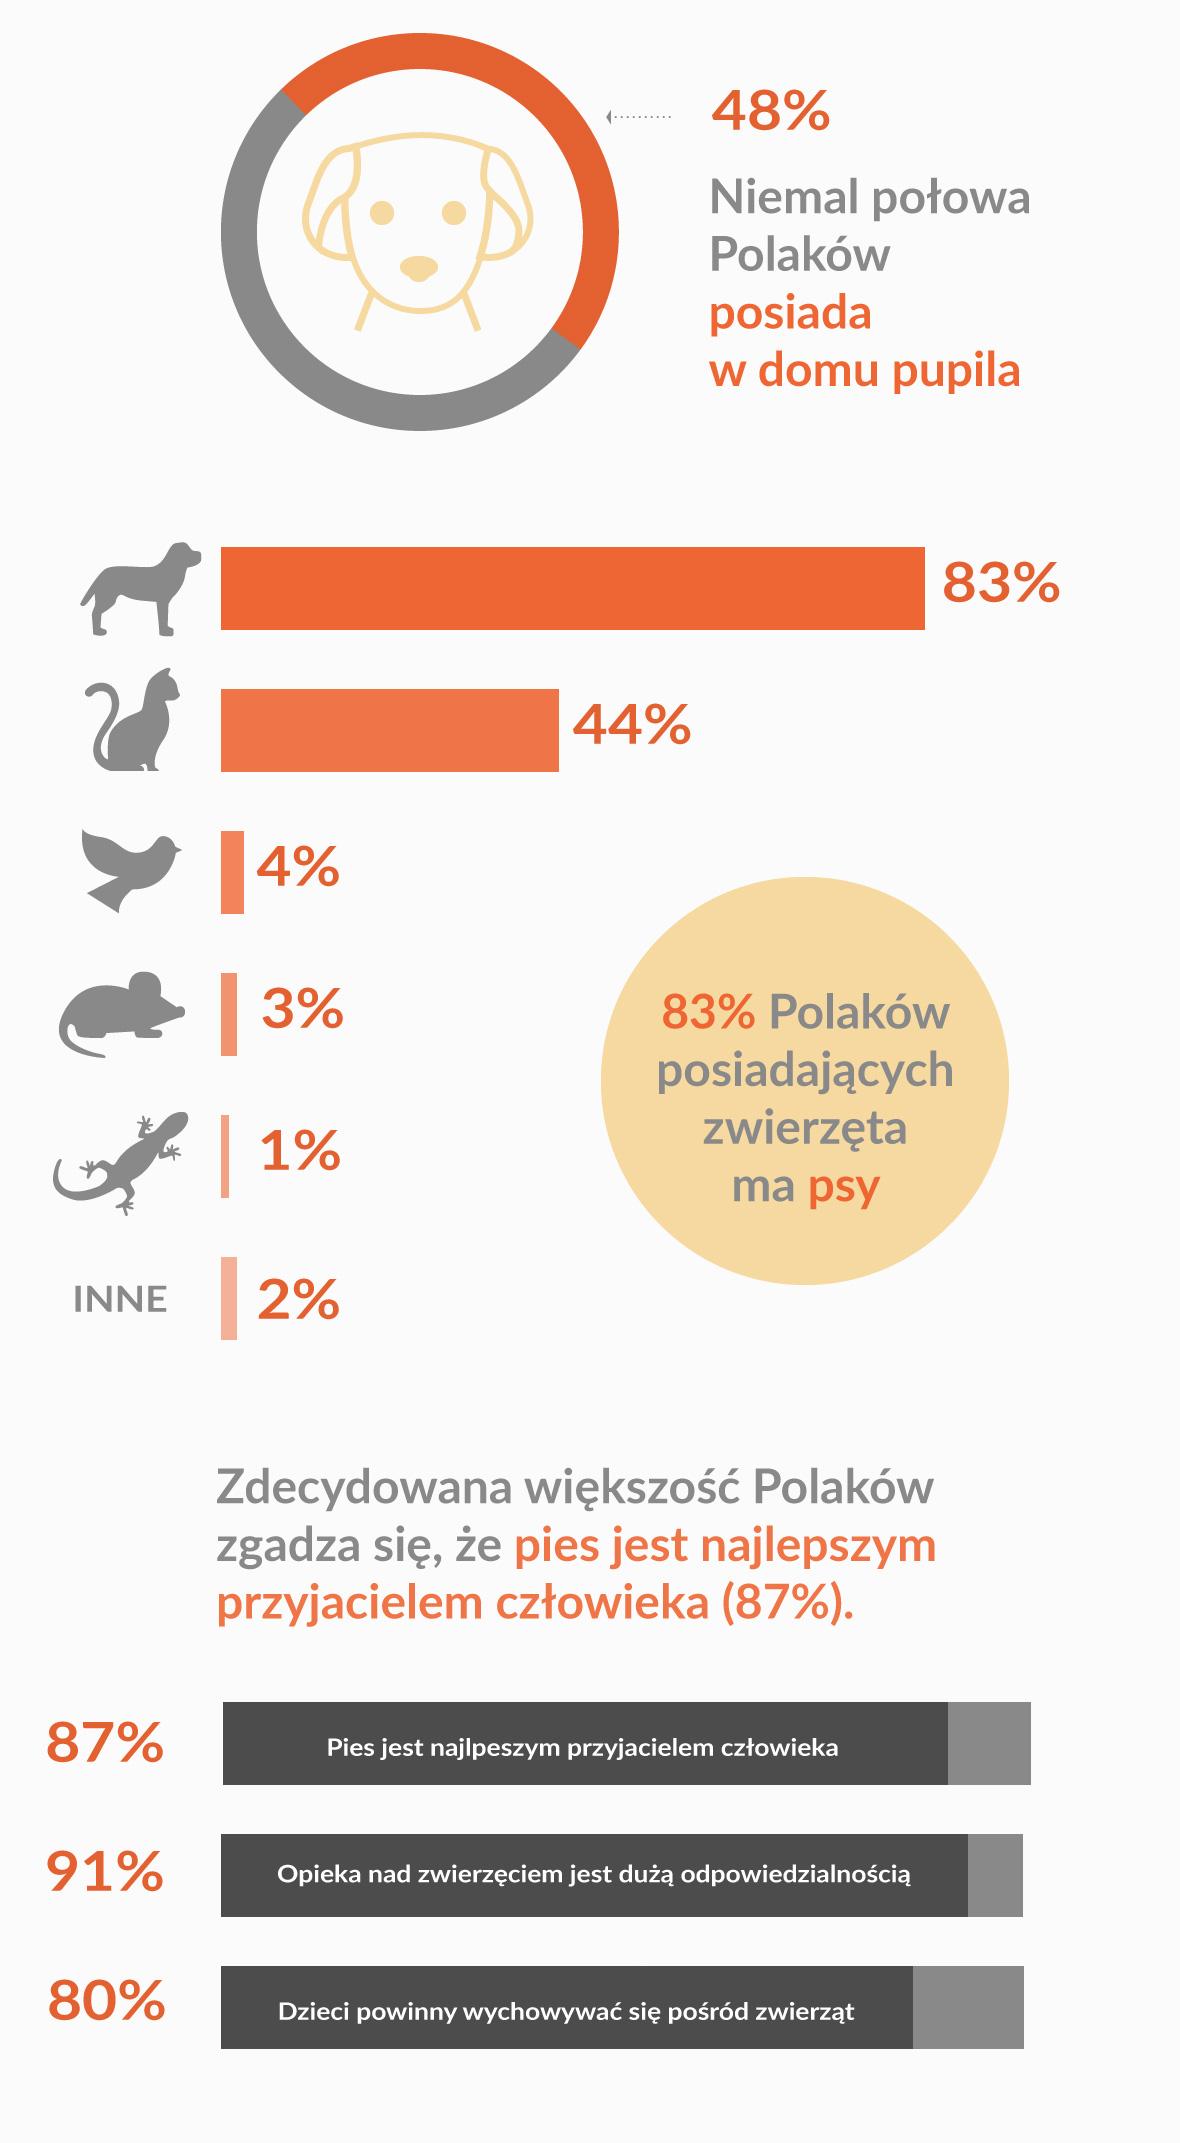 Infografa_zwierzeta